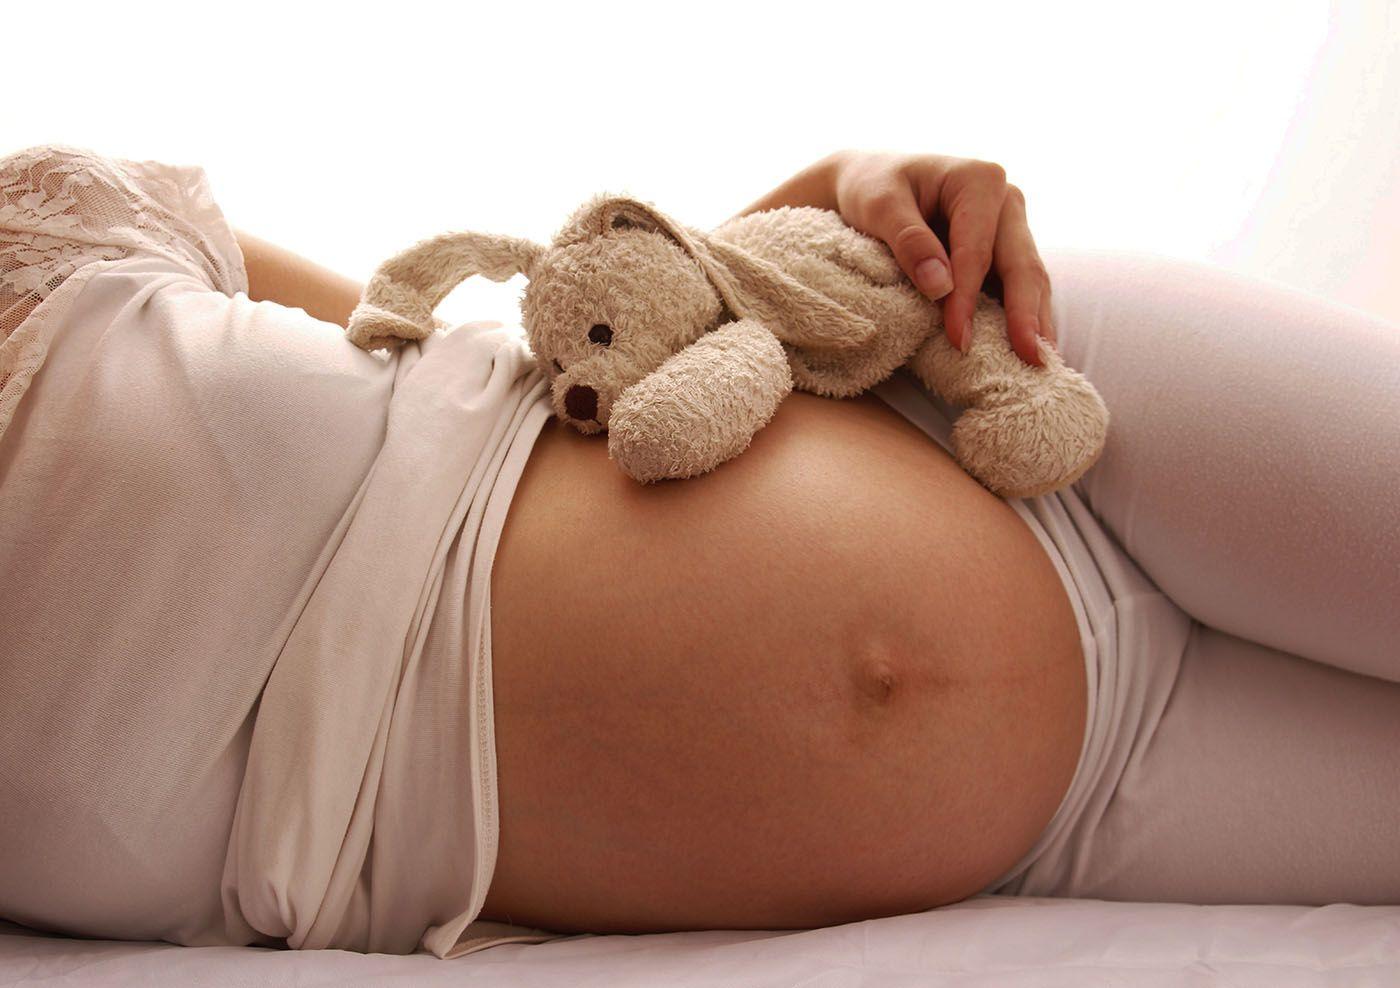 tratamiento del herpes genital en el embarazo